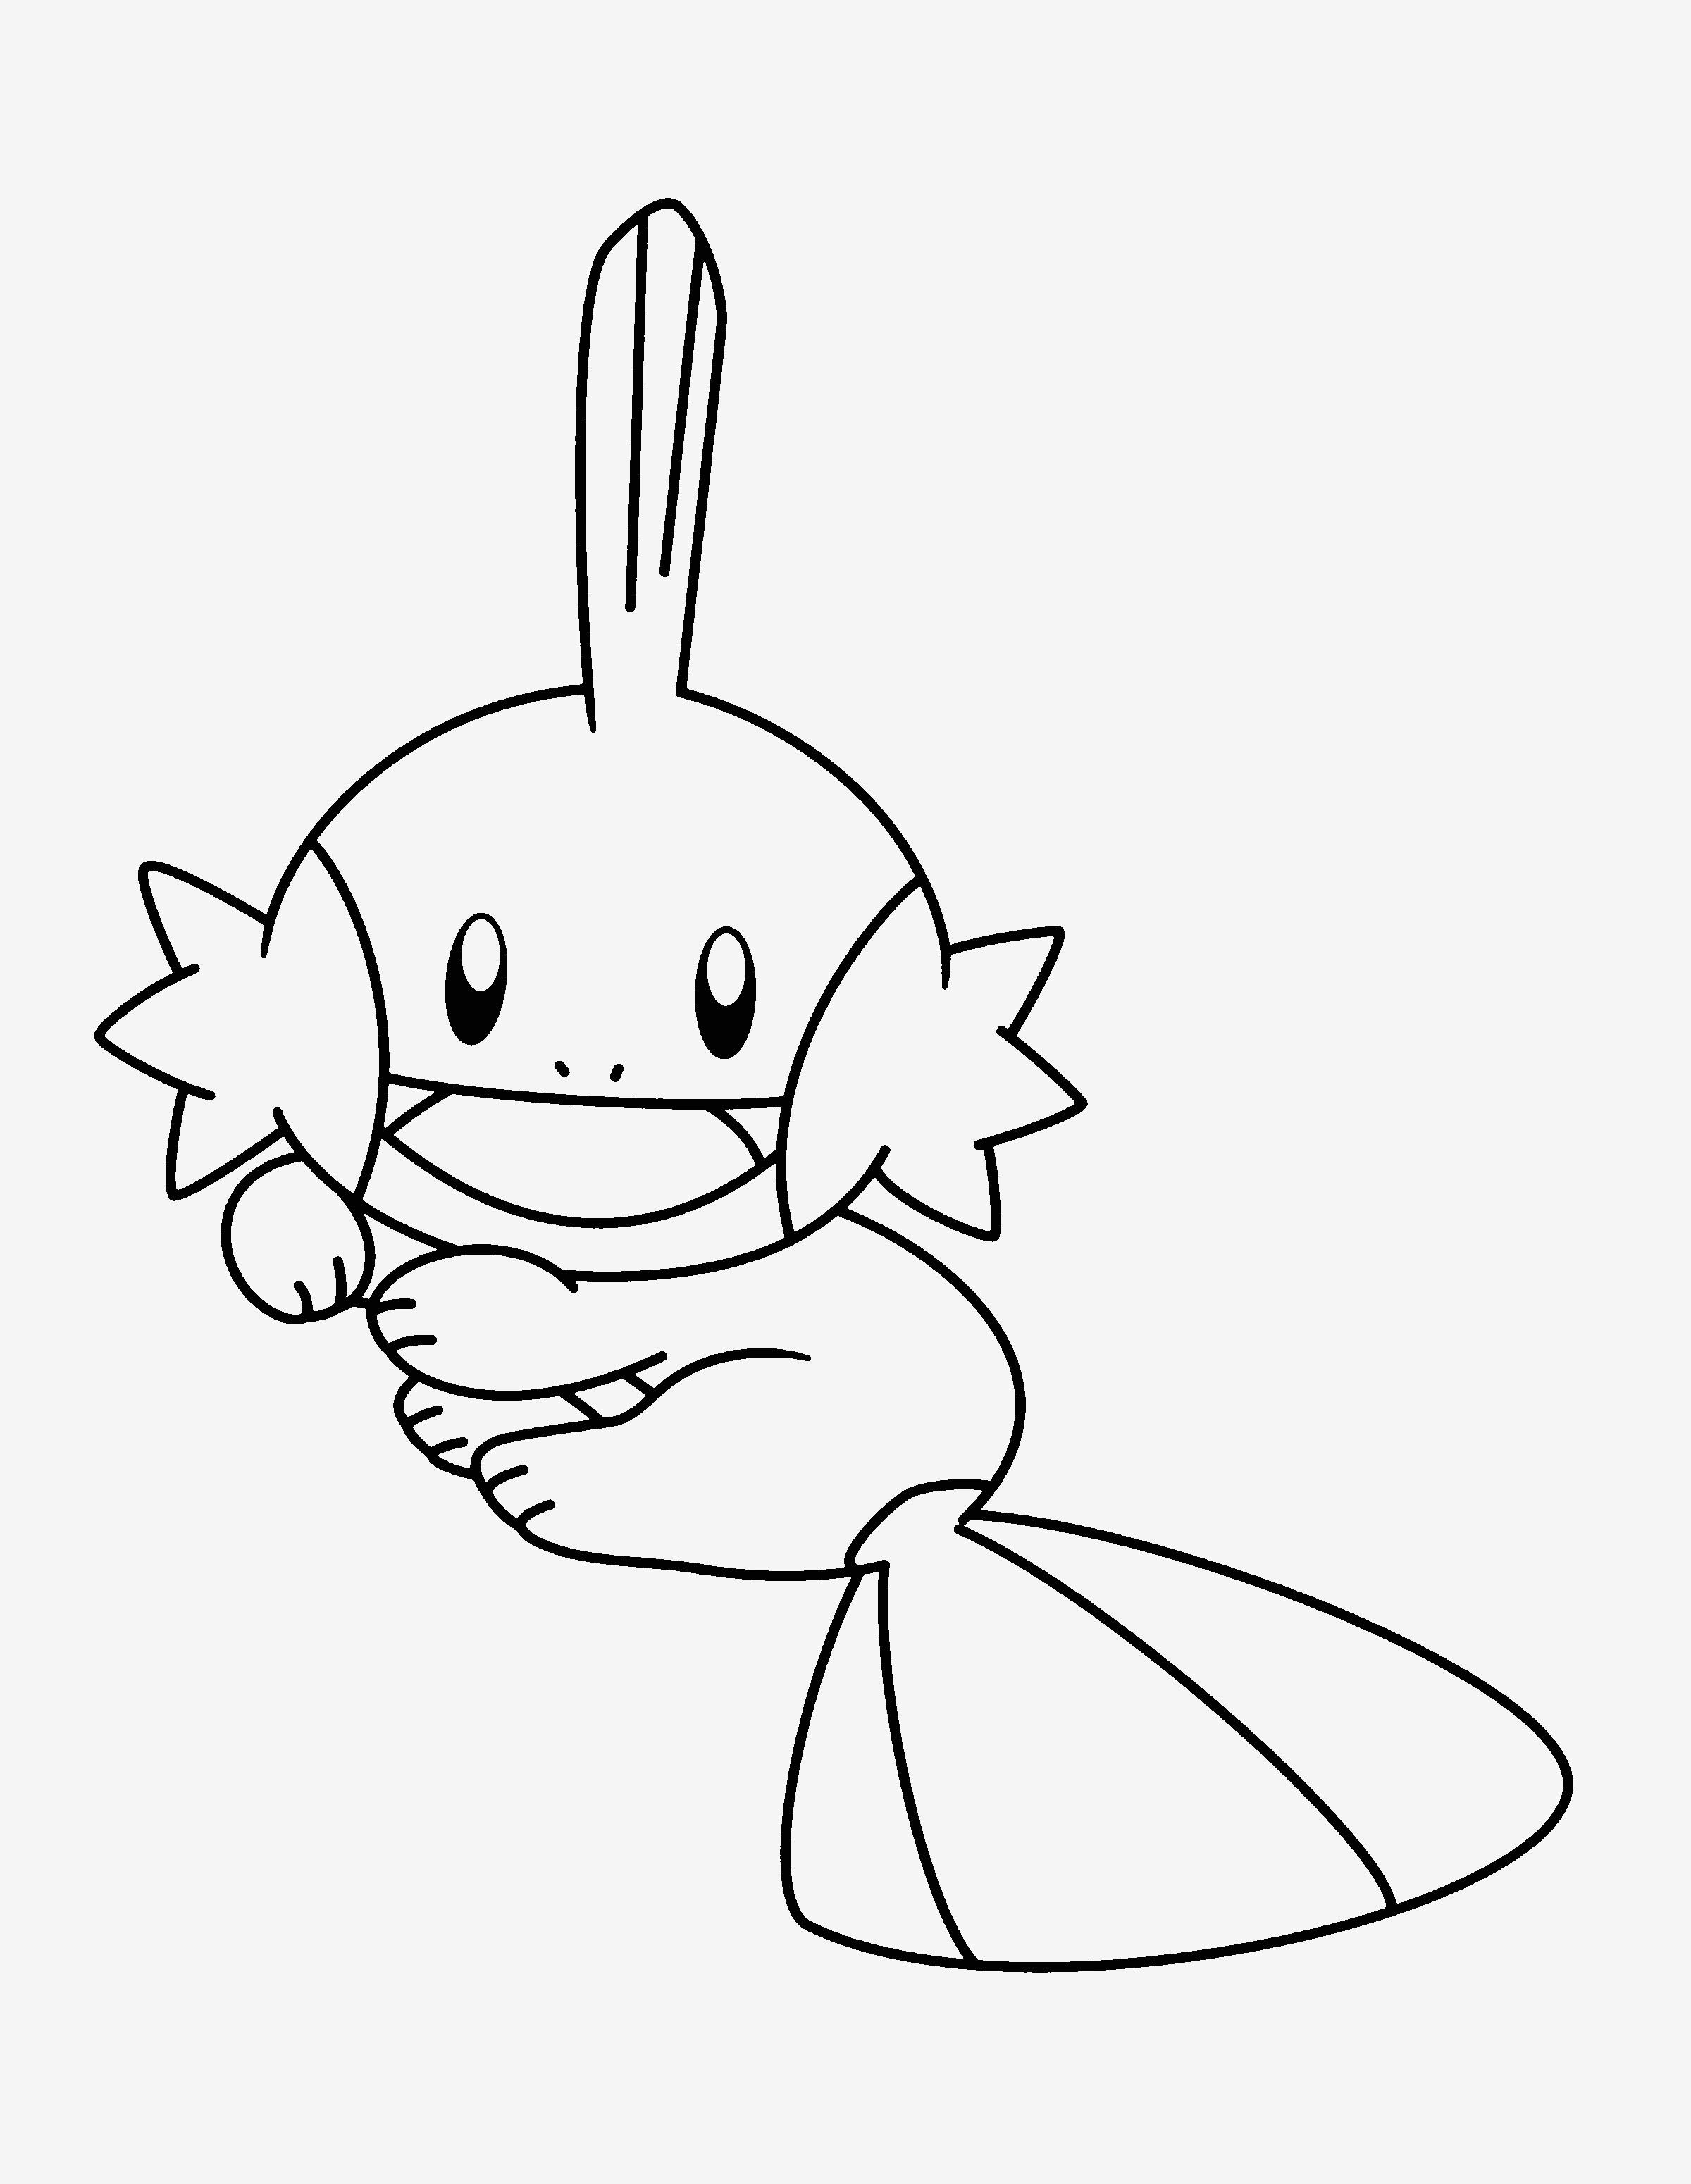 Pokemon Bilder Zum Ausmalen Das Beste Von Lernspiele Färbung Bilder Pokemon Ausmalbilder Mega Entwicklung Stock